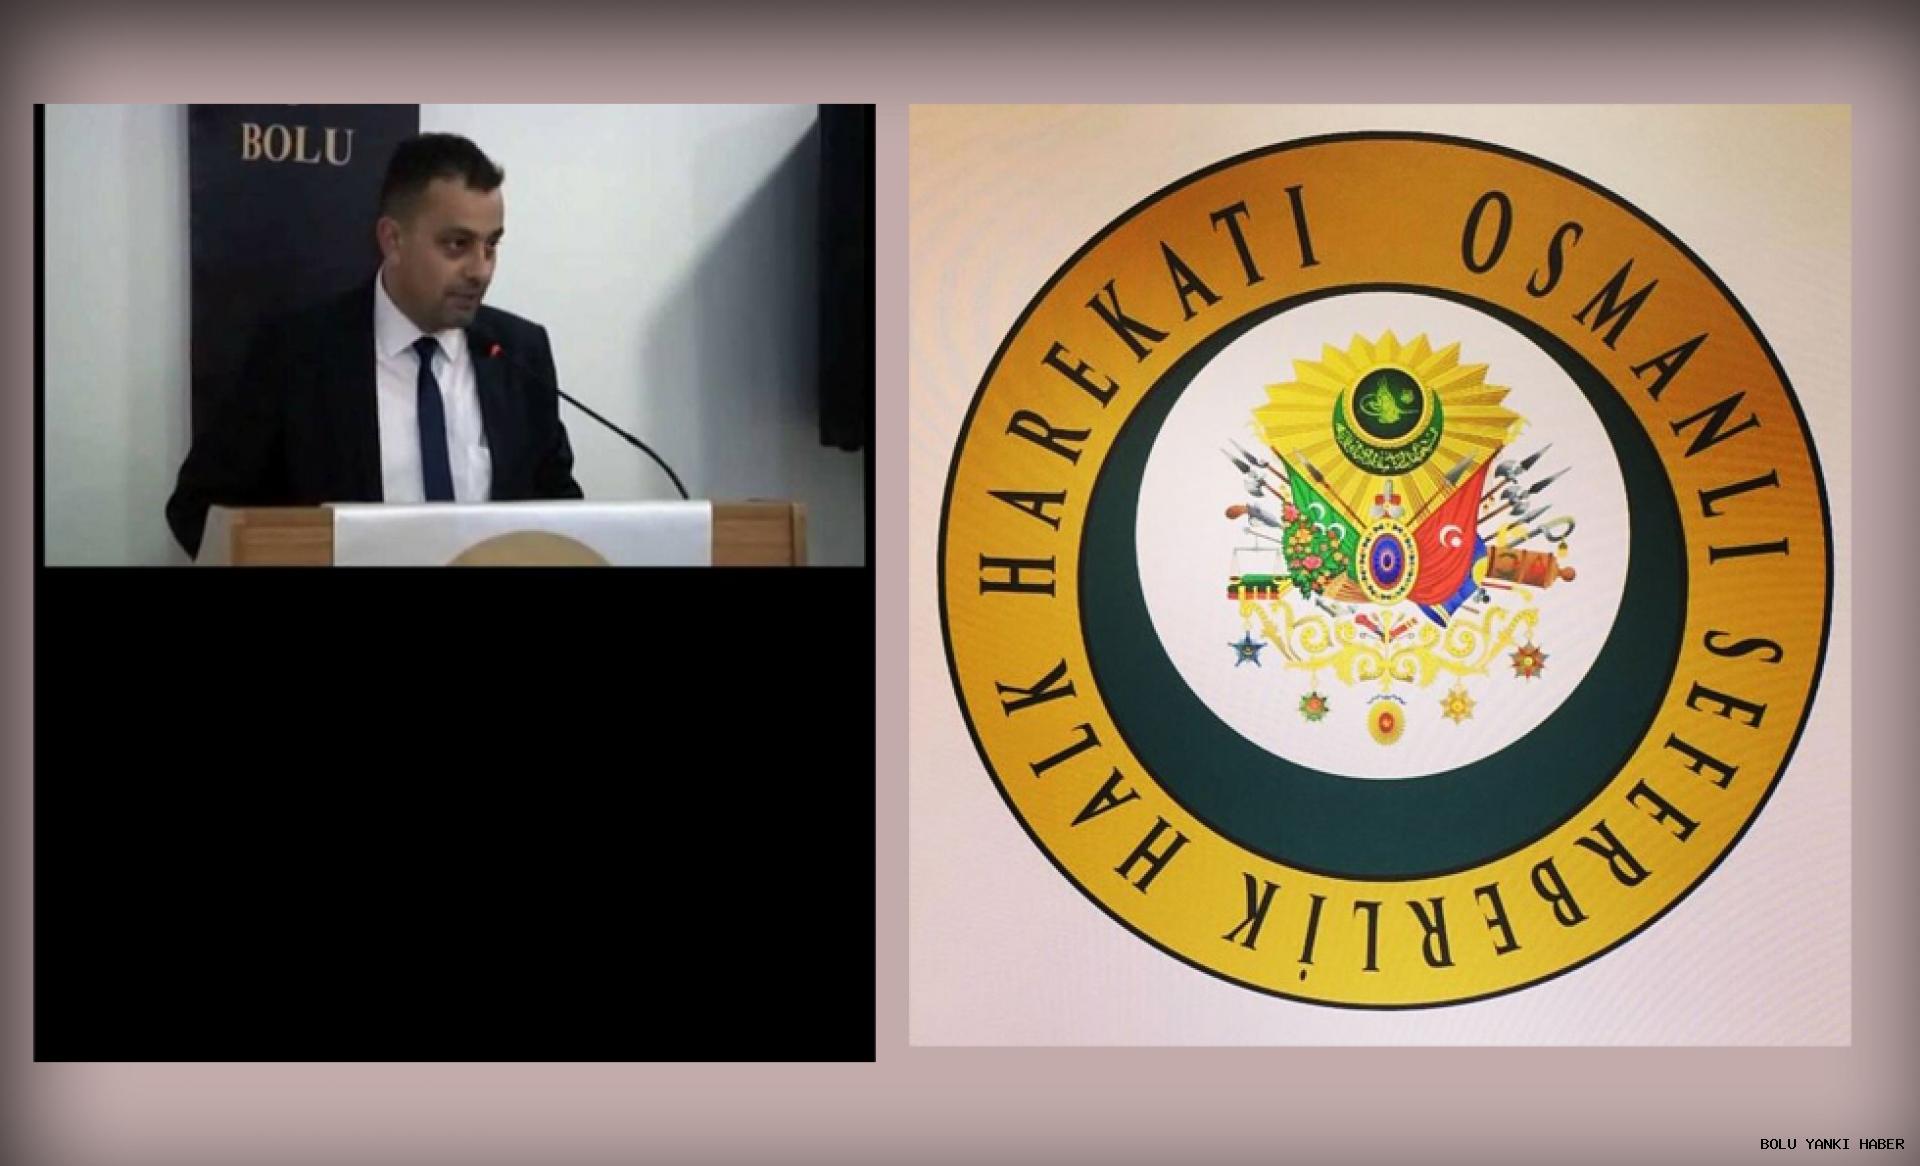 Osmanlı Seferberlik Halk Harekatı İl Başkanlığına Melih Akbaş getirildi.